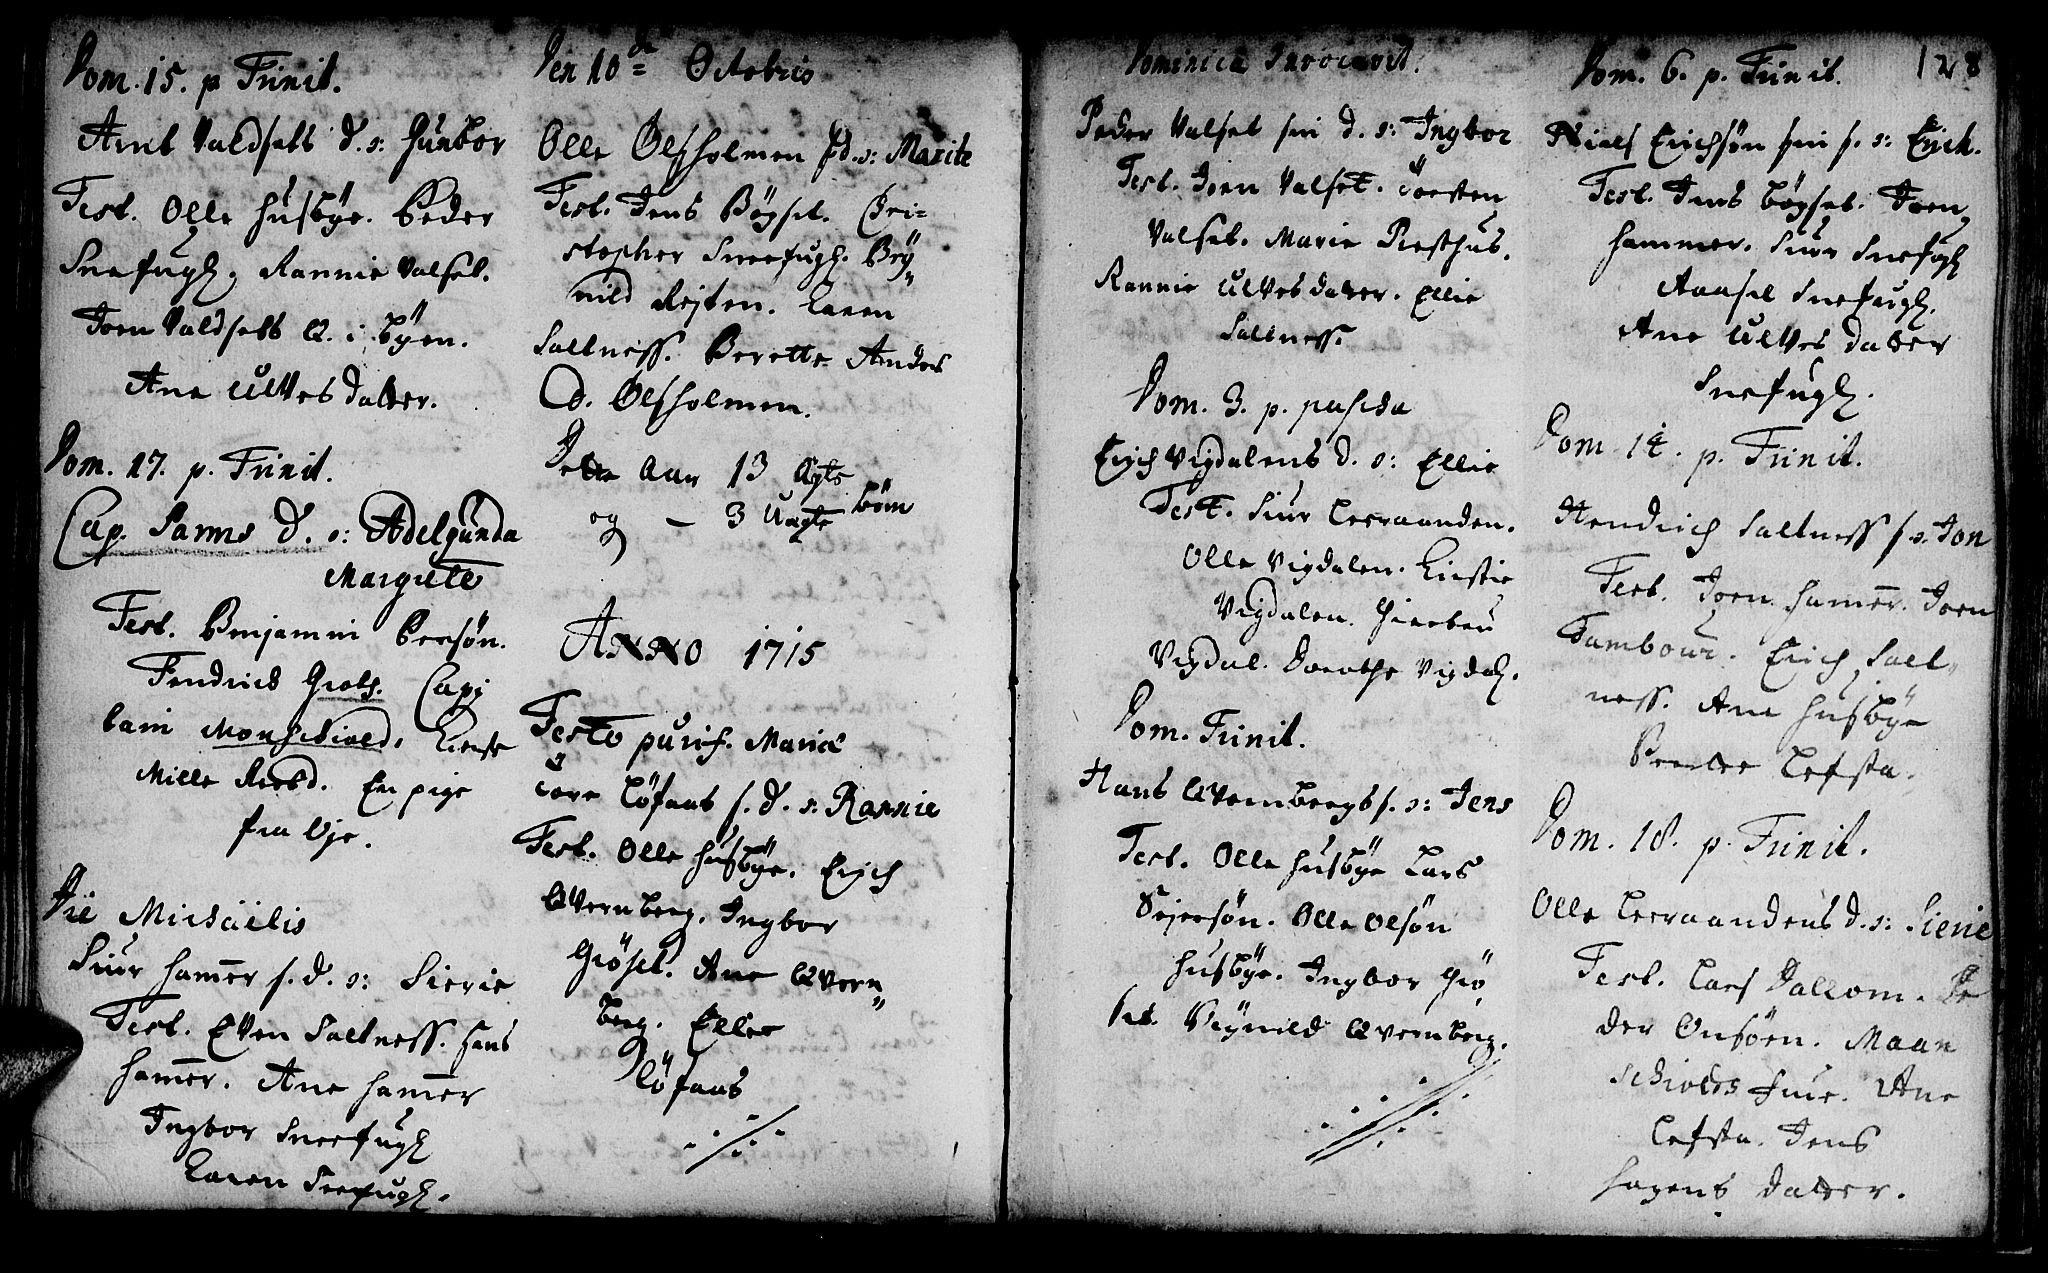 SAT, Ministerialprotokoller, klokkerbøker og fødselsregistre - Sør-Trøndelag, 666/L0783: Ministerialbok nr. 666A01, 1702-1753, s. 128